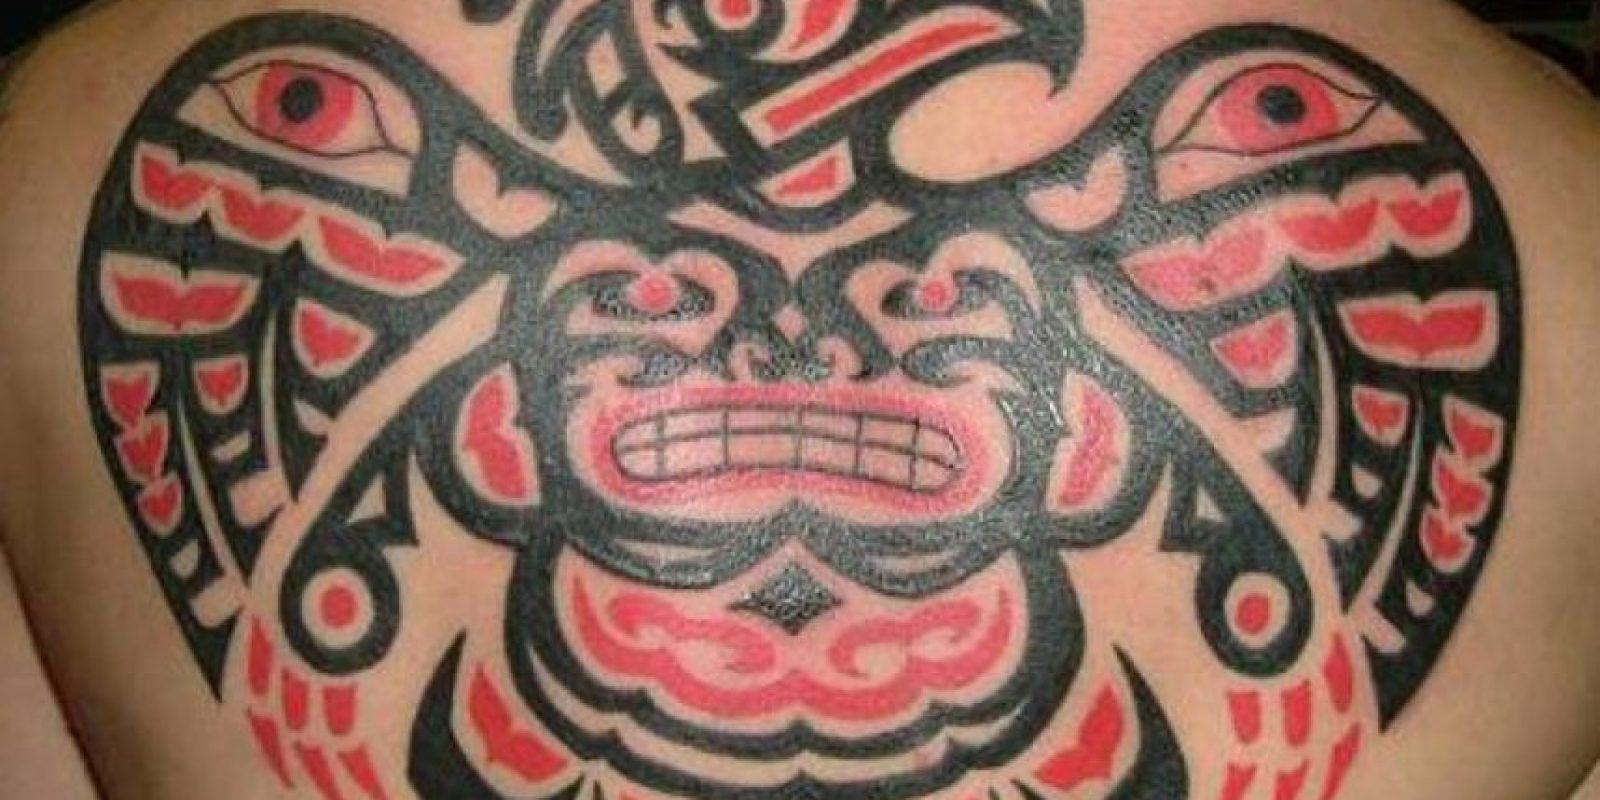 Tatuajes tribales porque sí. Foto:StyleSatMag